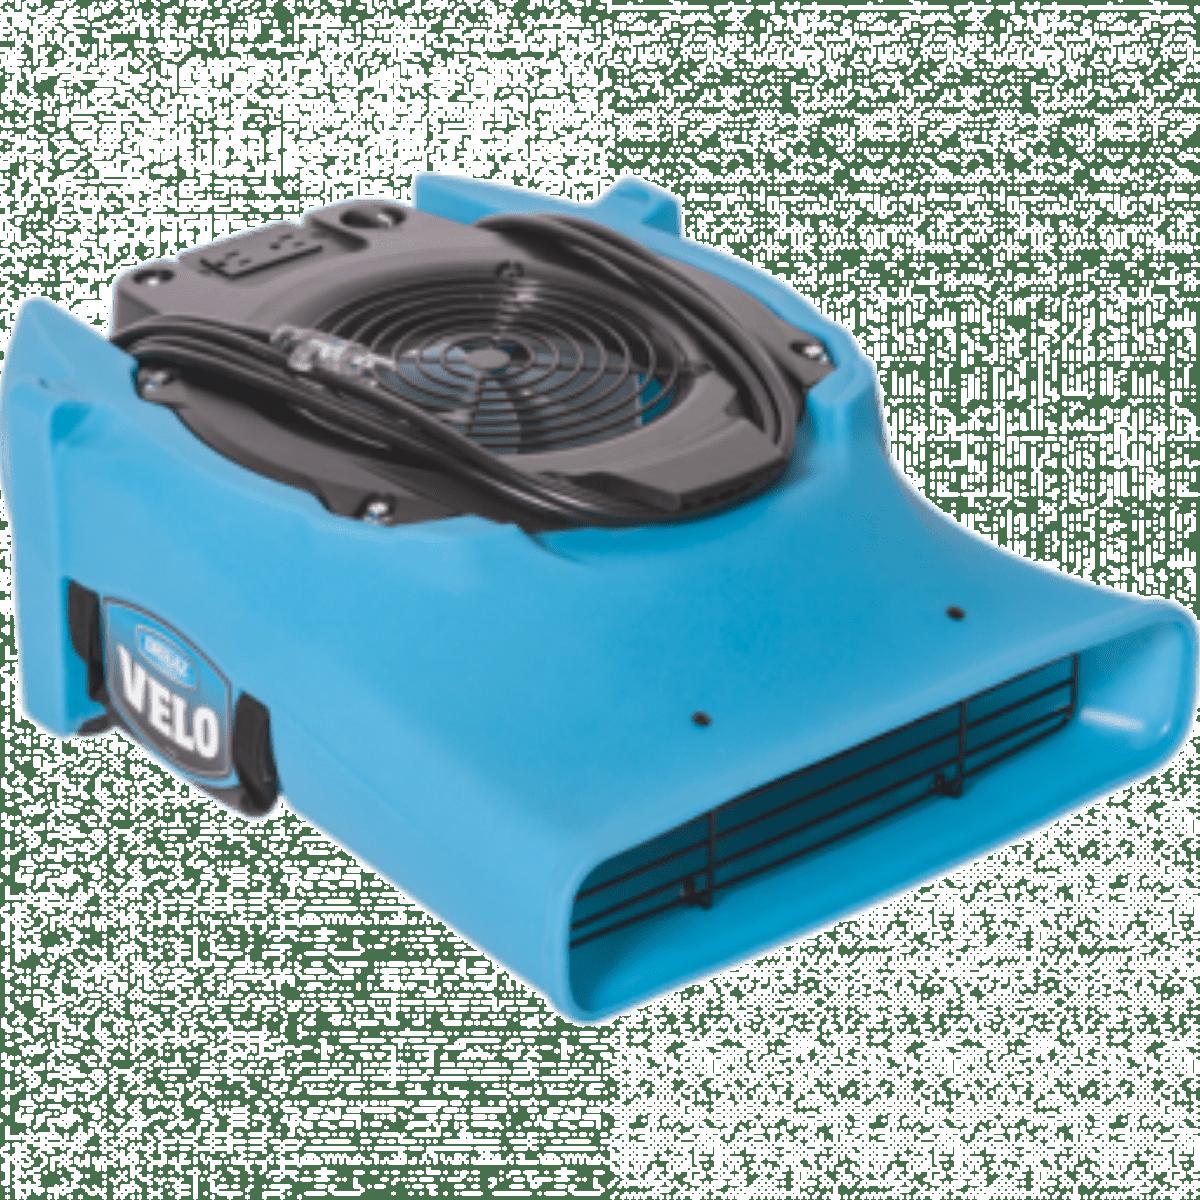 Dri-Eaz F504 Velo Slimline Floor Dryer, 120V Power